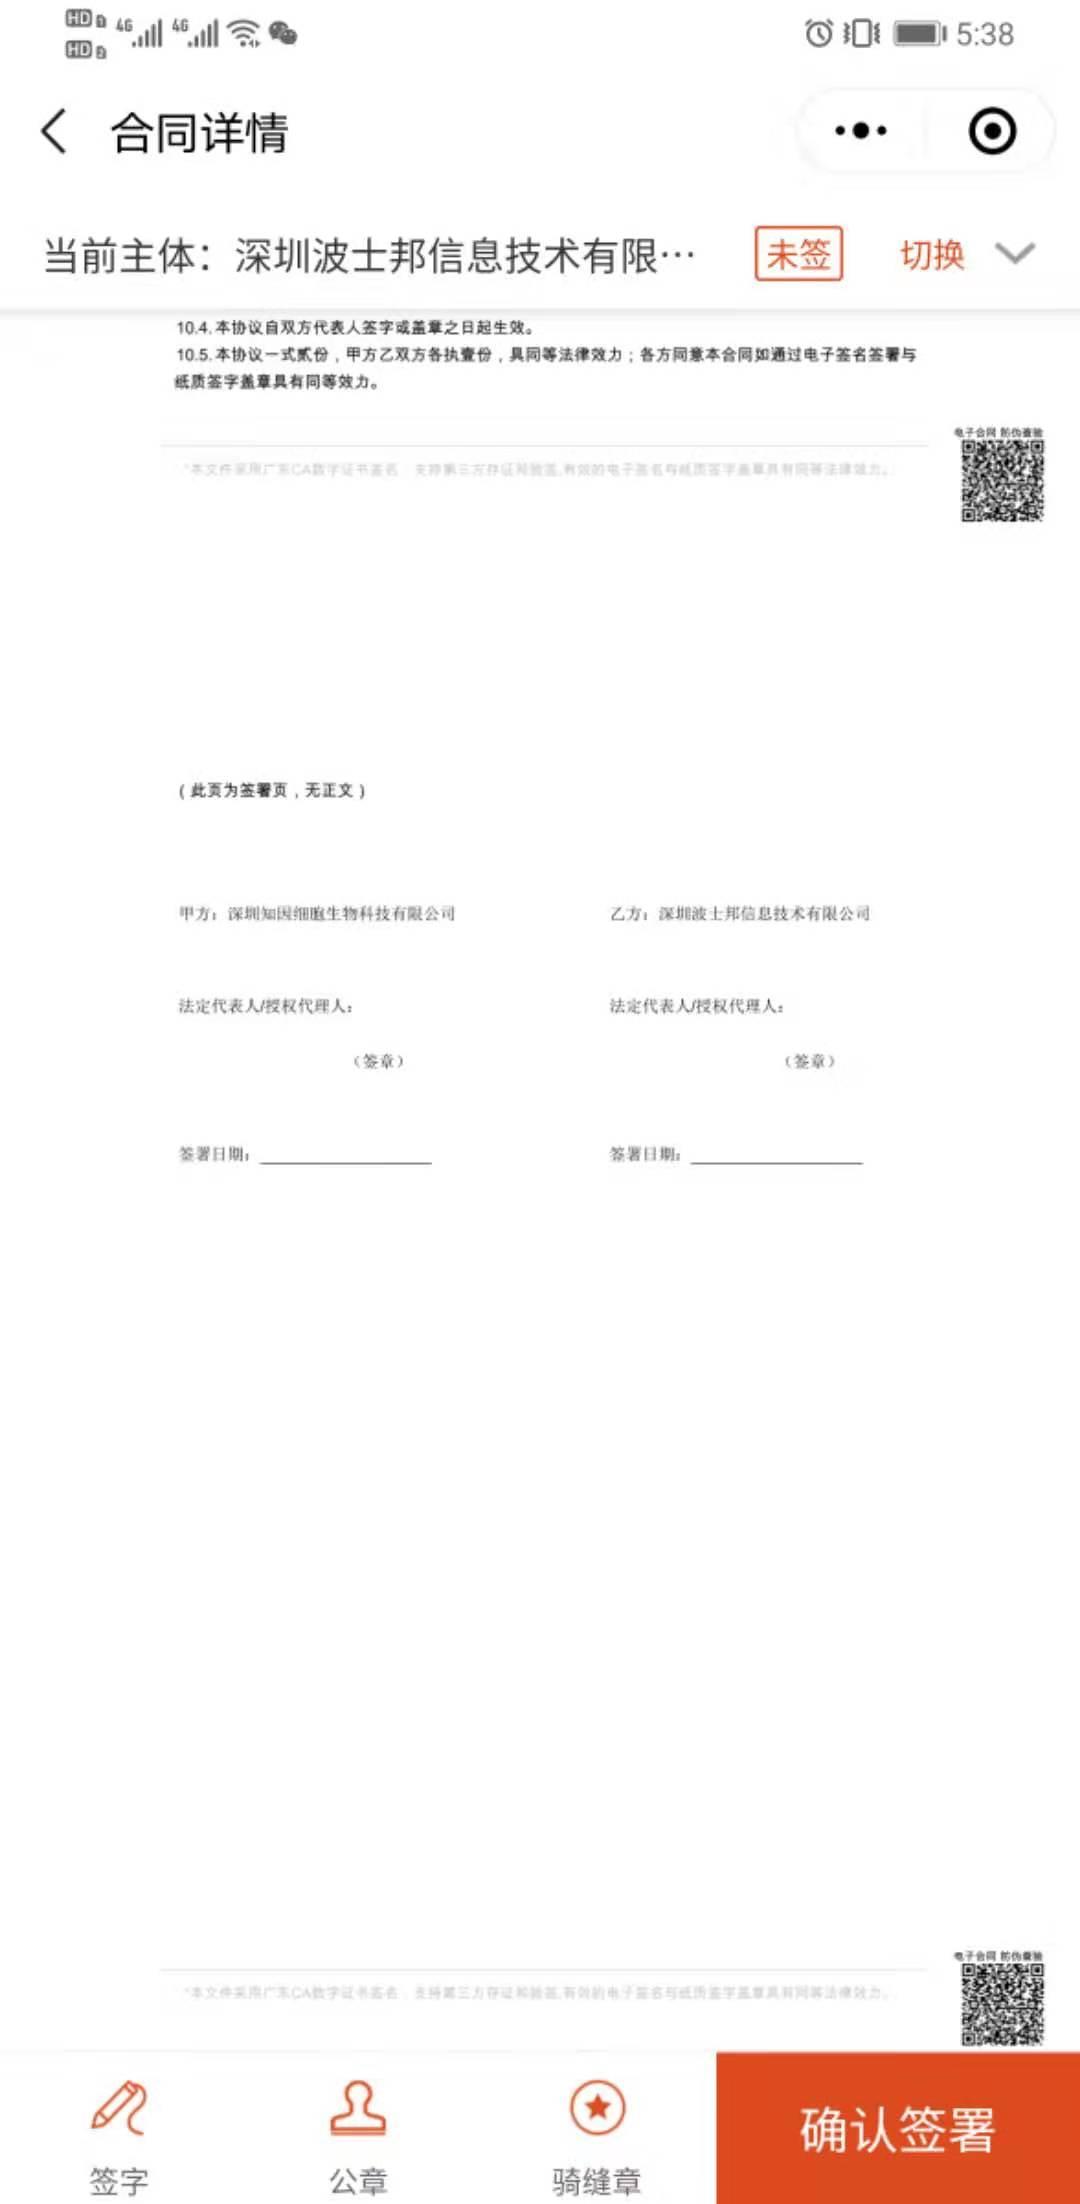 知名电子合同推荐_正规法律服务推荐-深圳波士邦信息技术有限公司